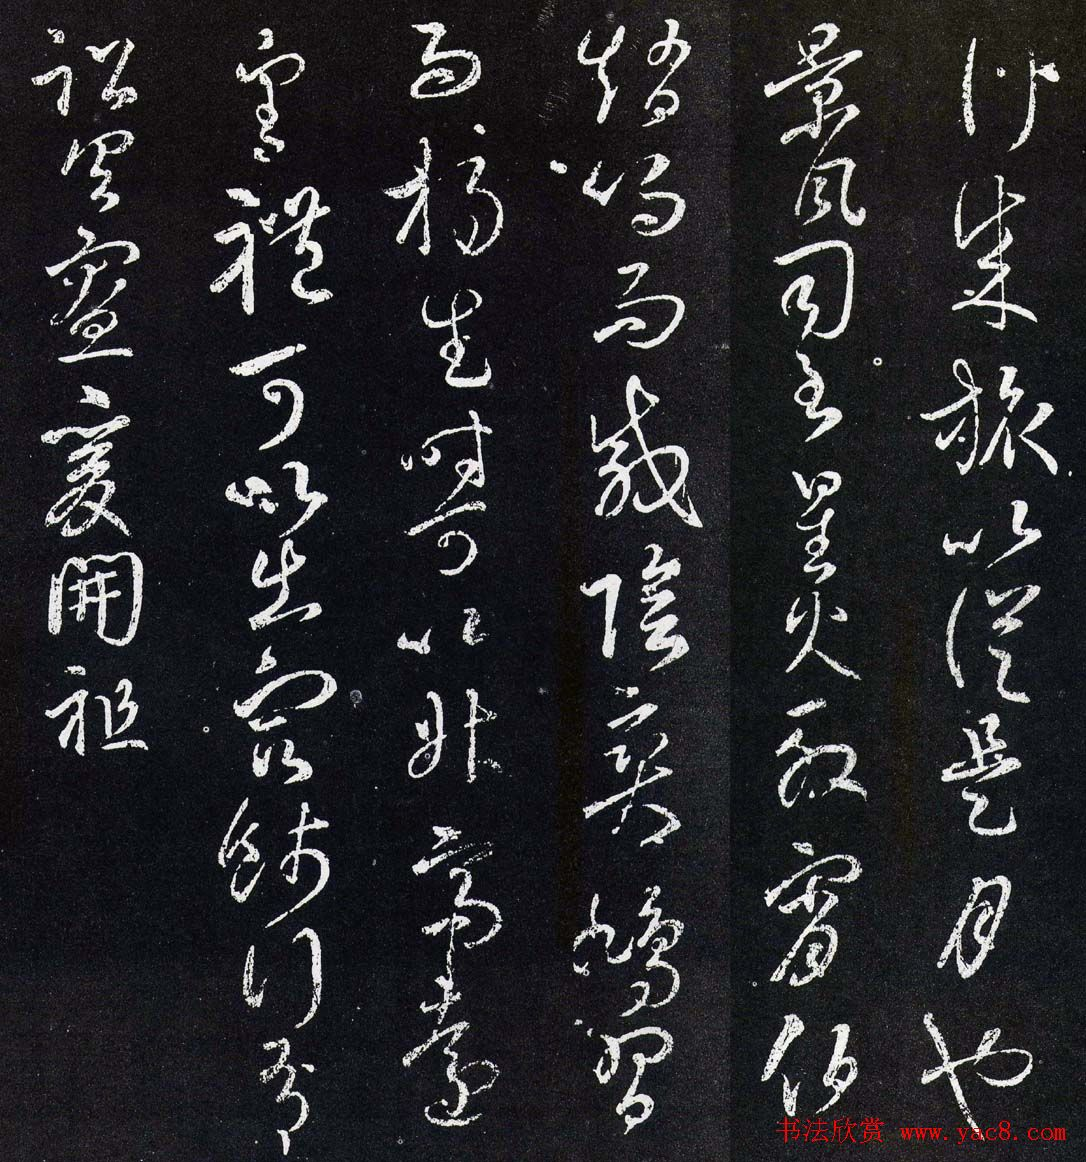 王羲之草书作品《行成帖》四种